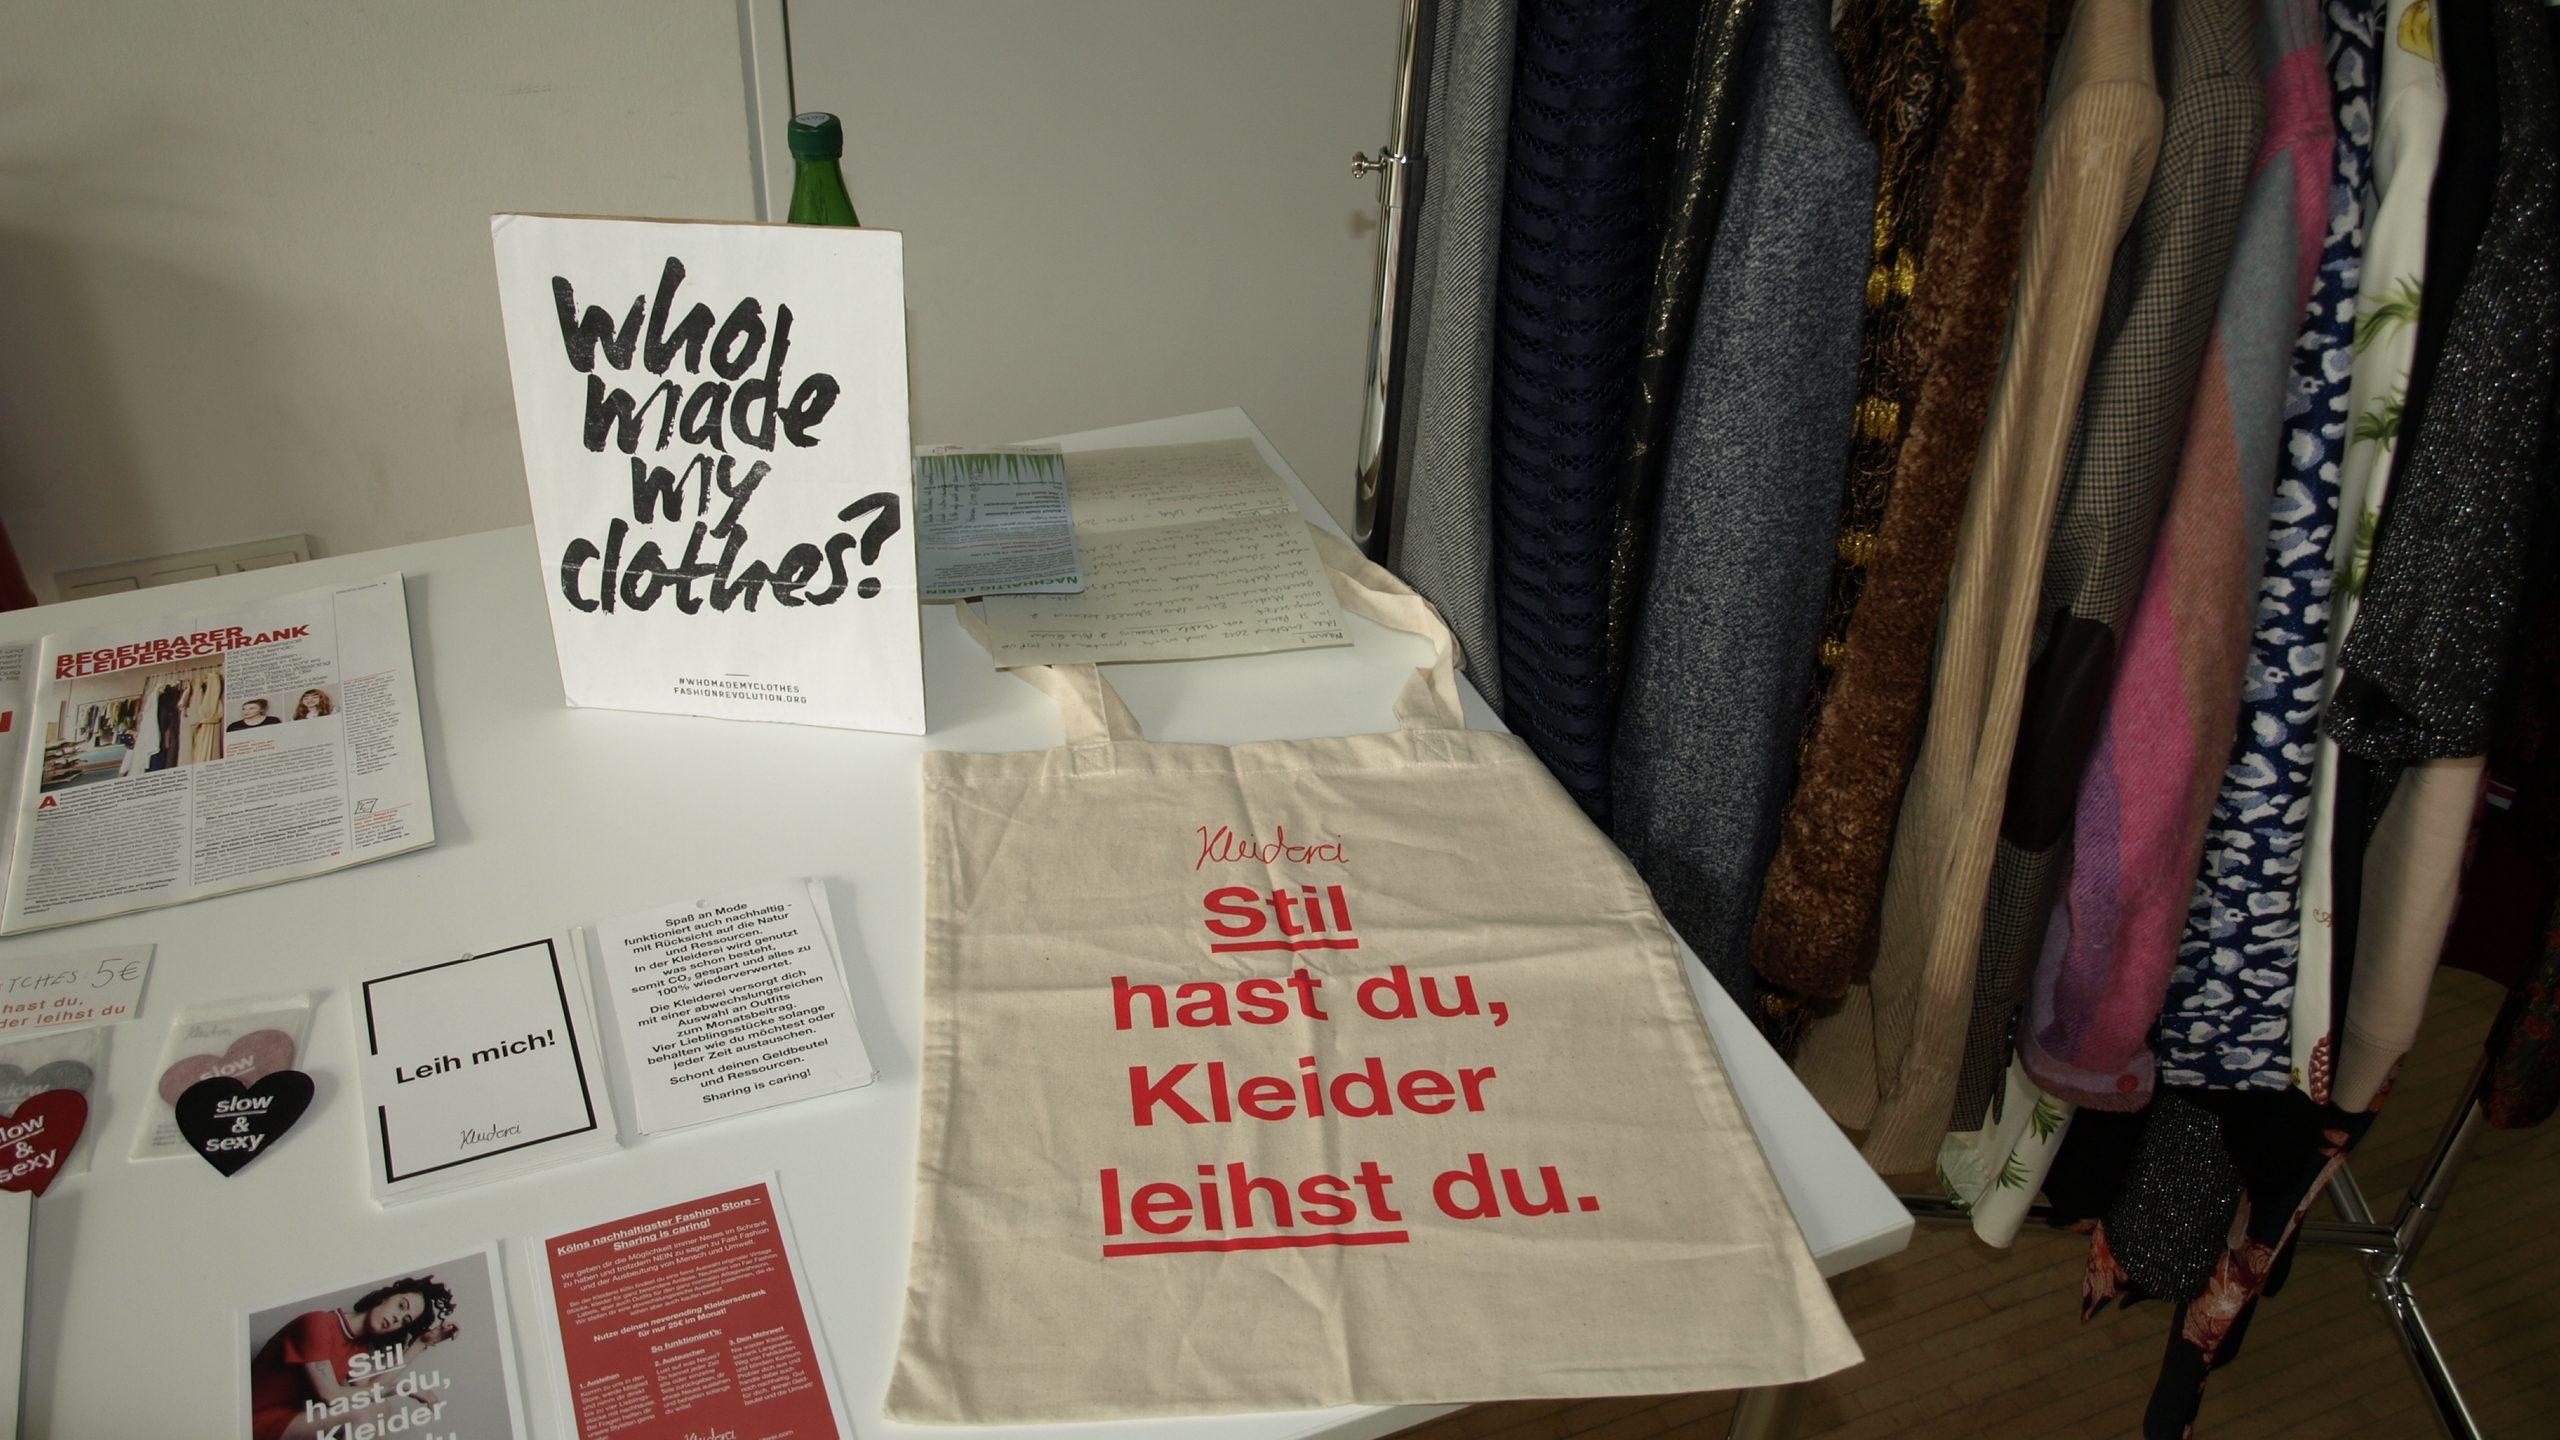 Nachhaltige Projekte und Initiativen in Köln Ehrenfeld sowie im Ev. Kirchenkreis Köln-Nord